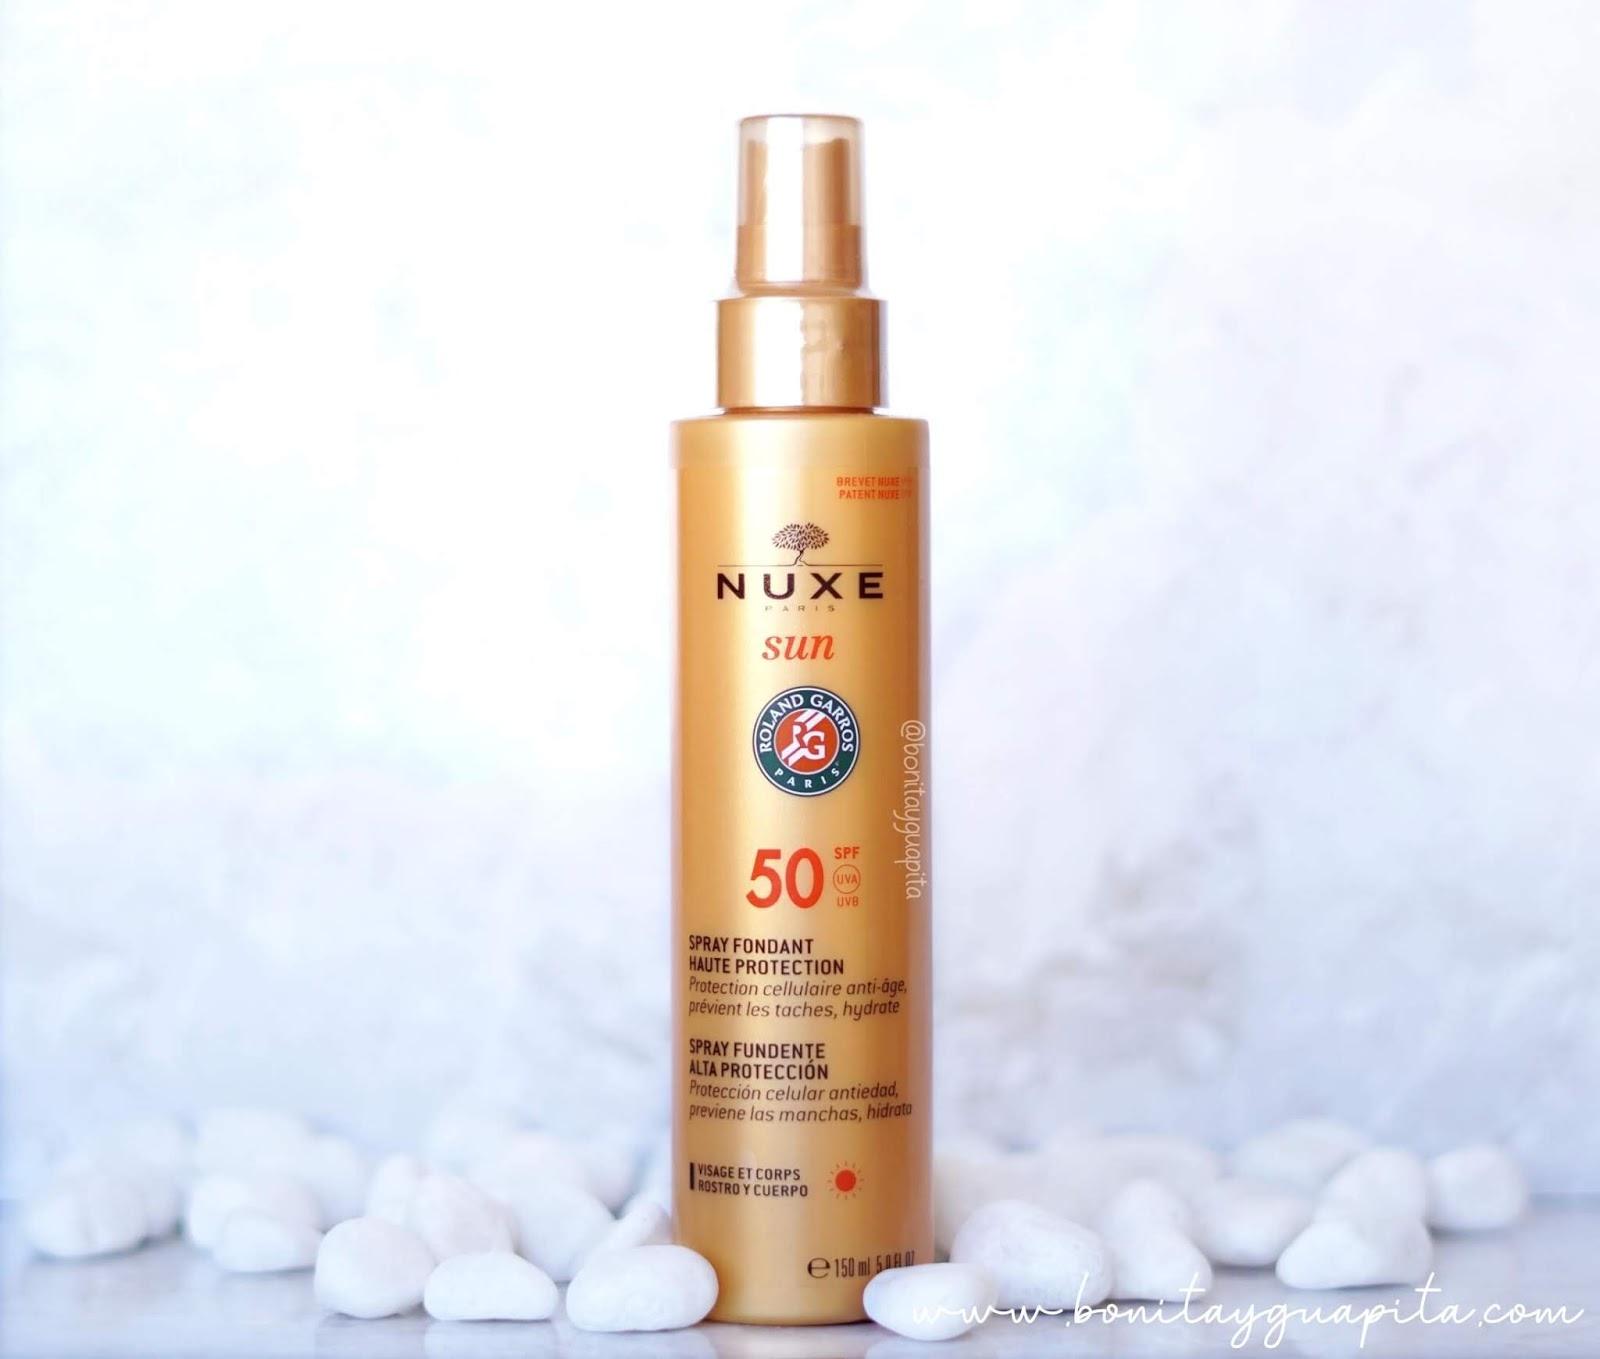 Spray Fundente Alta Protección SPF50 -  Nuxe